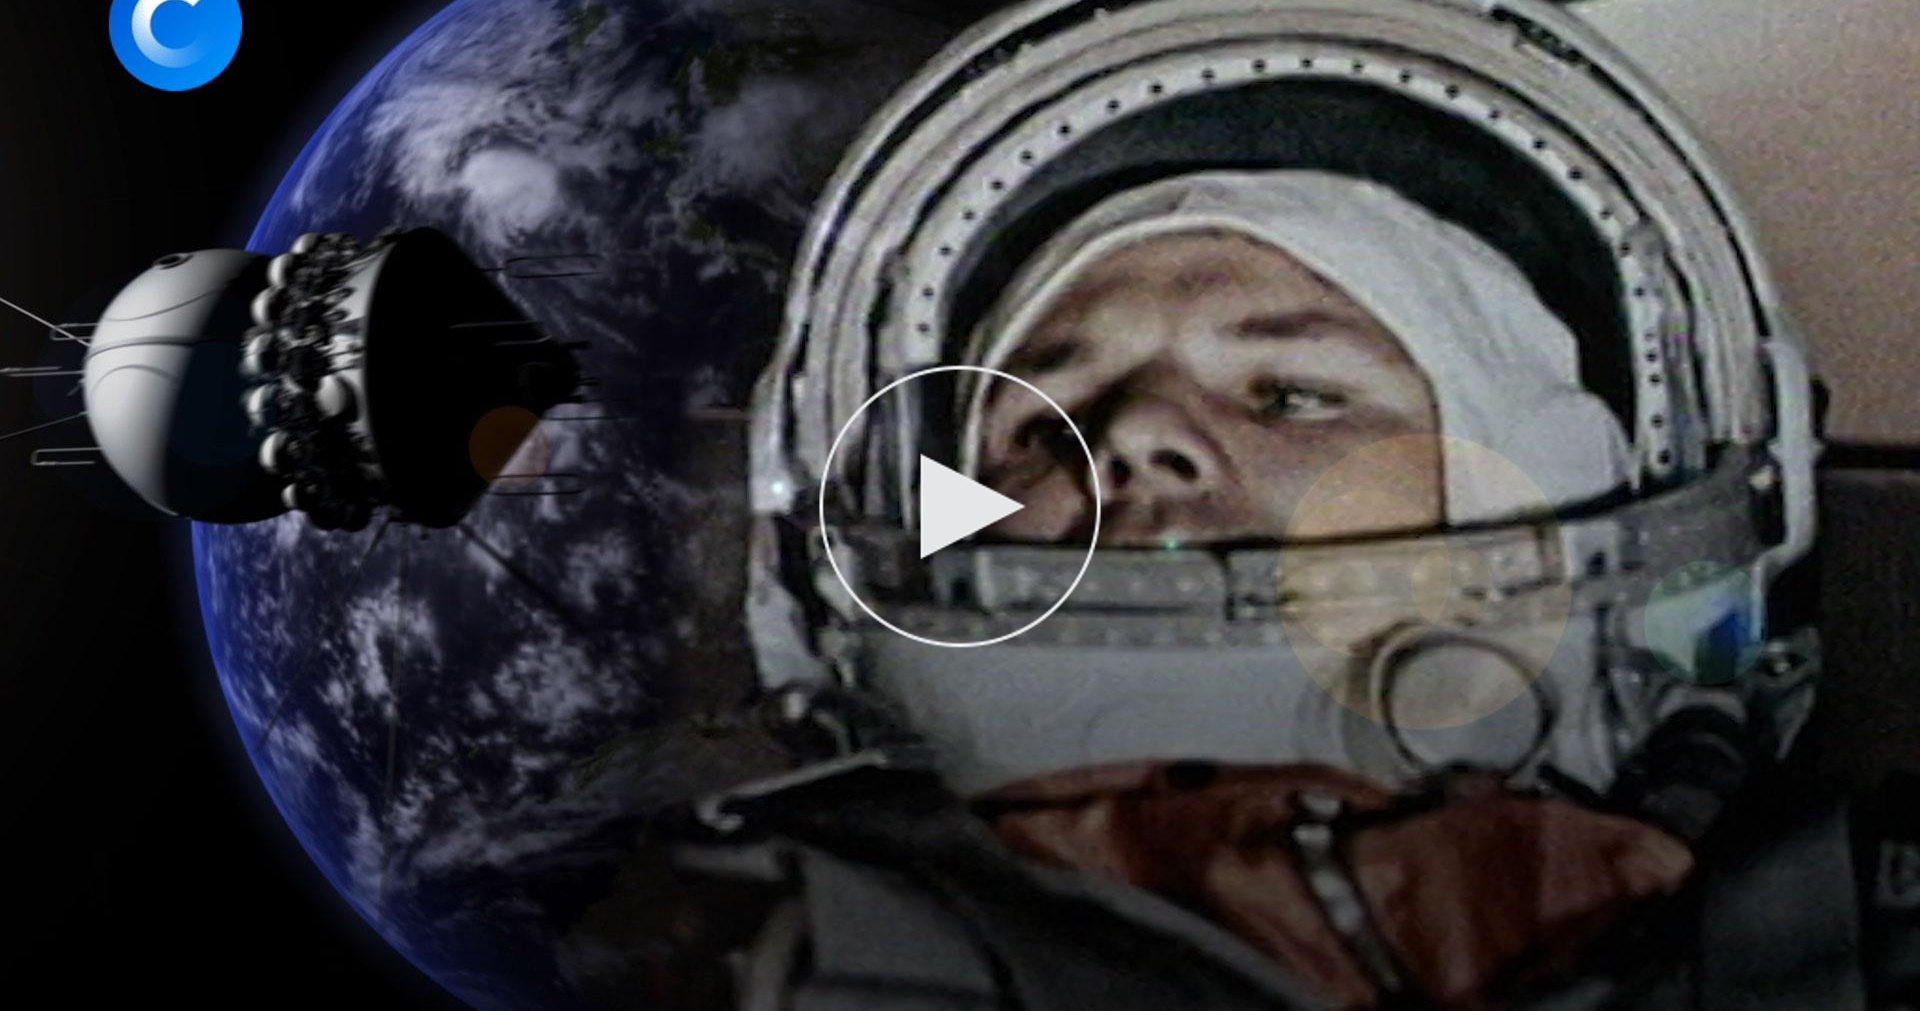 Полет Гагарина: 108минут, изменившие мир